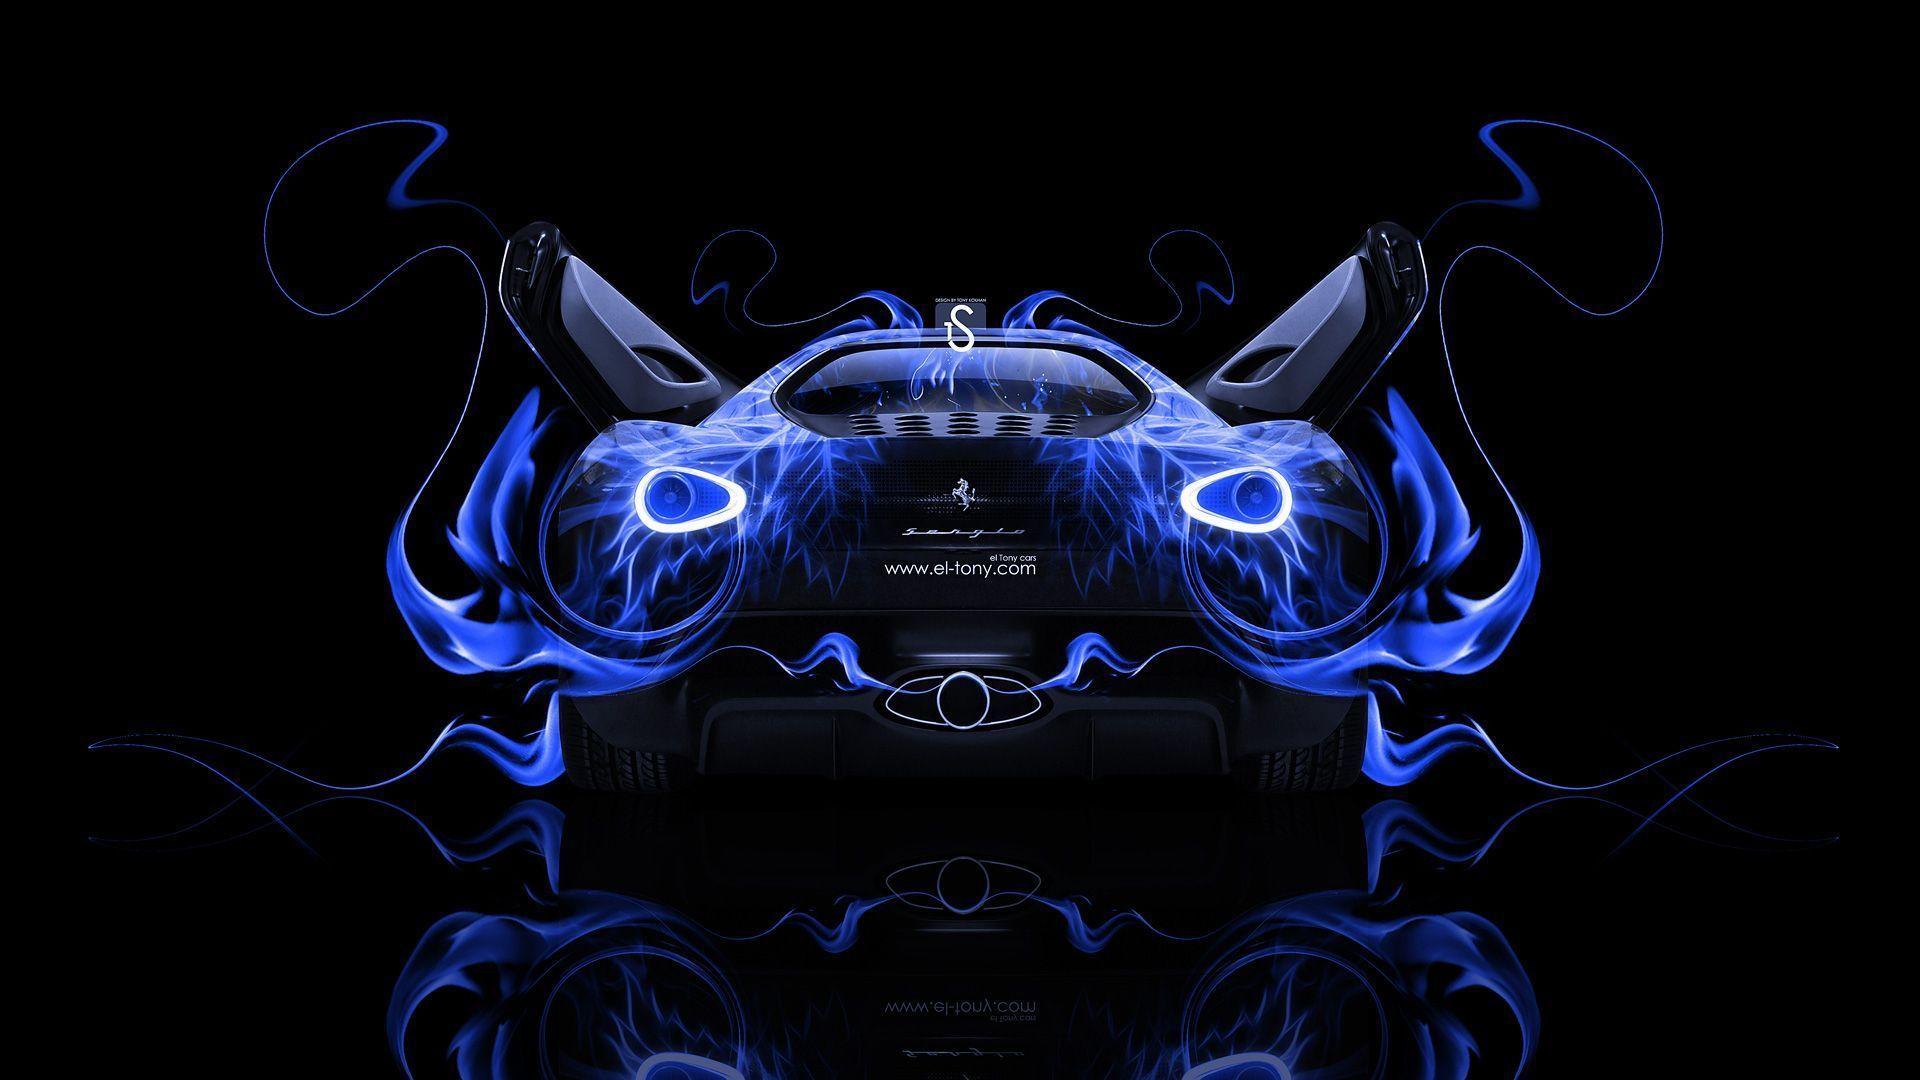 Merveilleux Ferrari Sergio Back Fire Abstract Car 2014 « El Tony